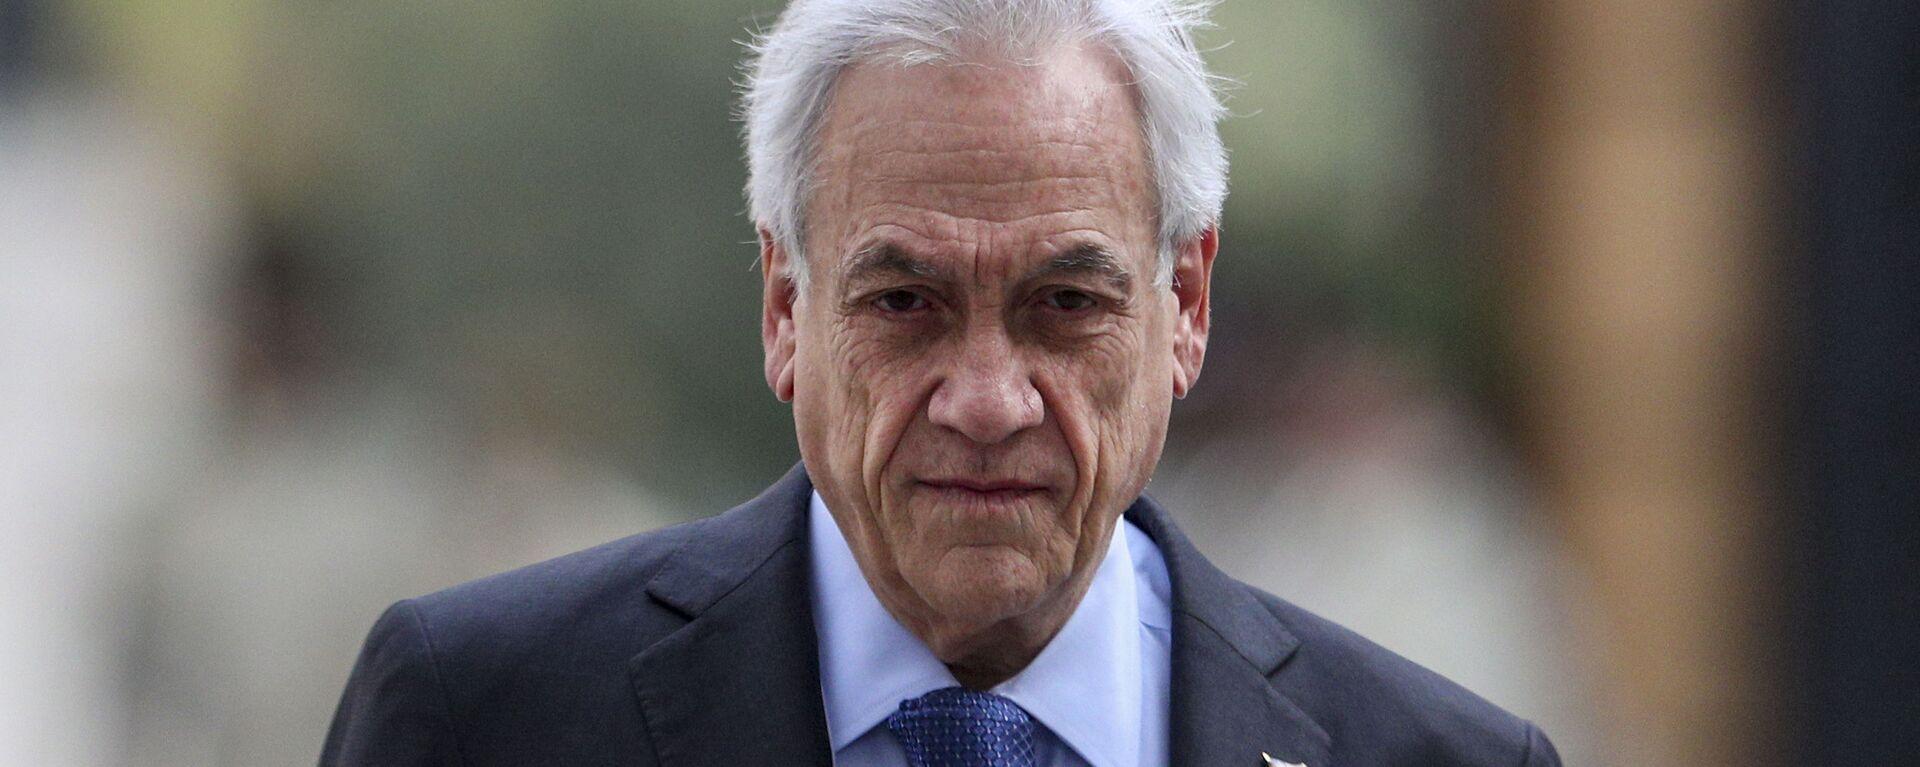 Sebastián Piñera, el presidente de Chile - Sputnik Mundo, 1920, 06.10.2021